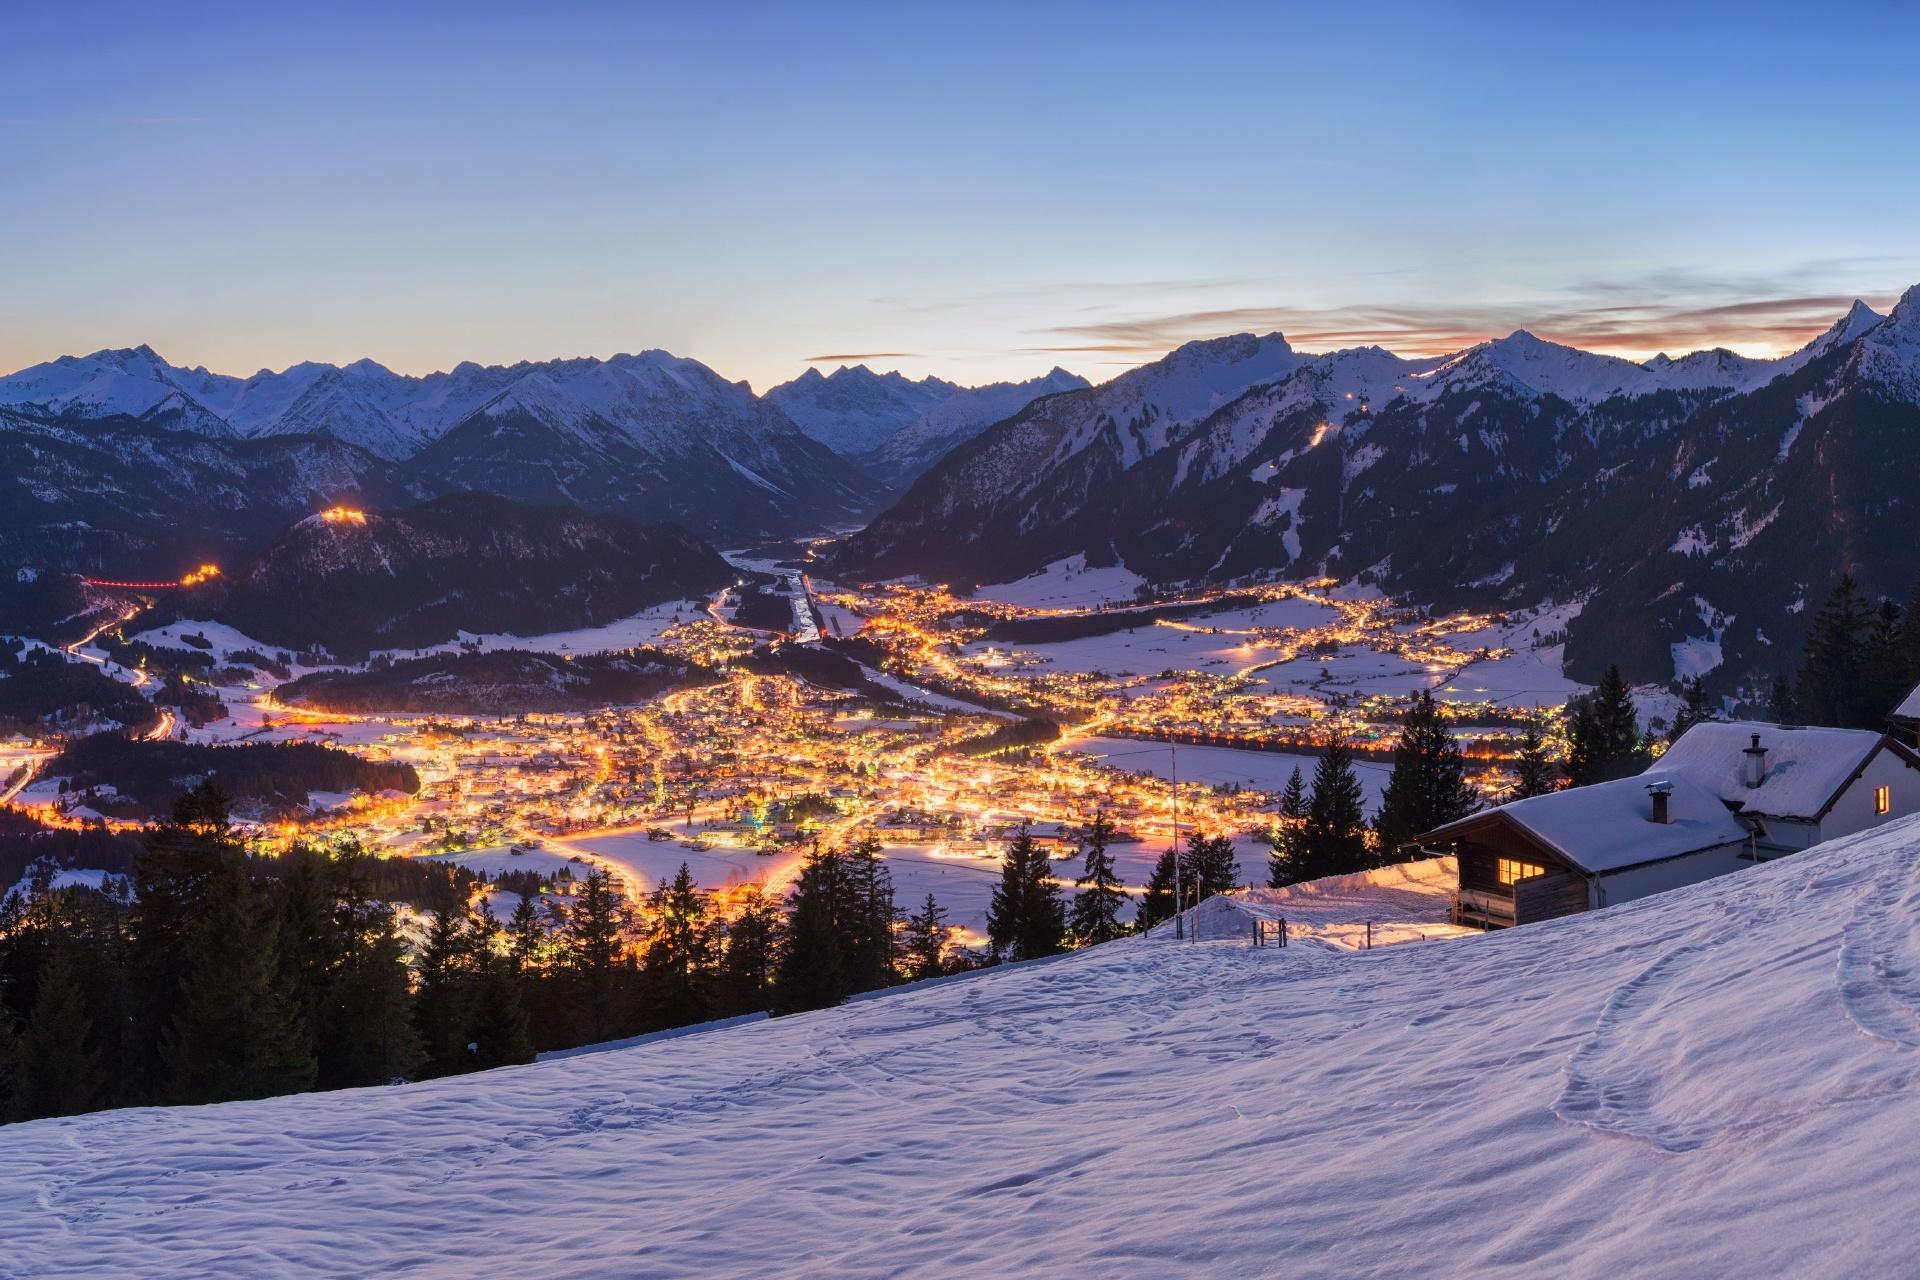 チロル ロイテの夜の風景 オーストリアの風景